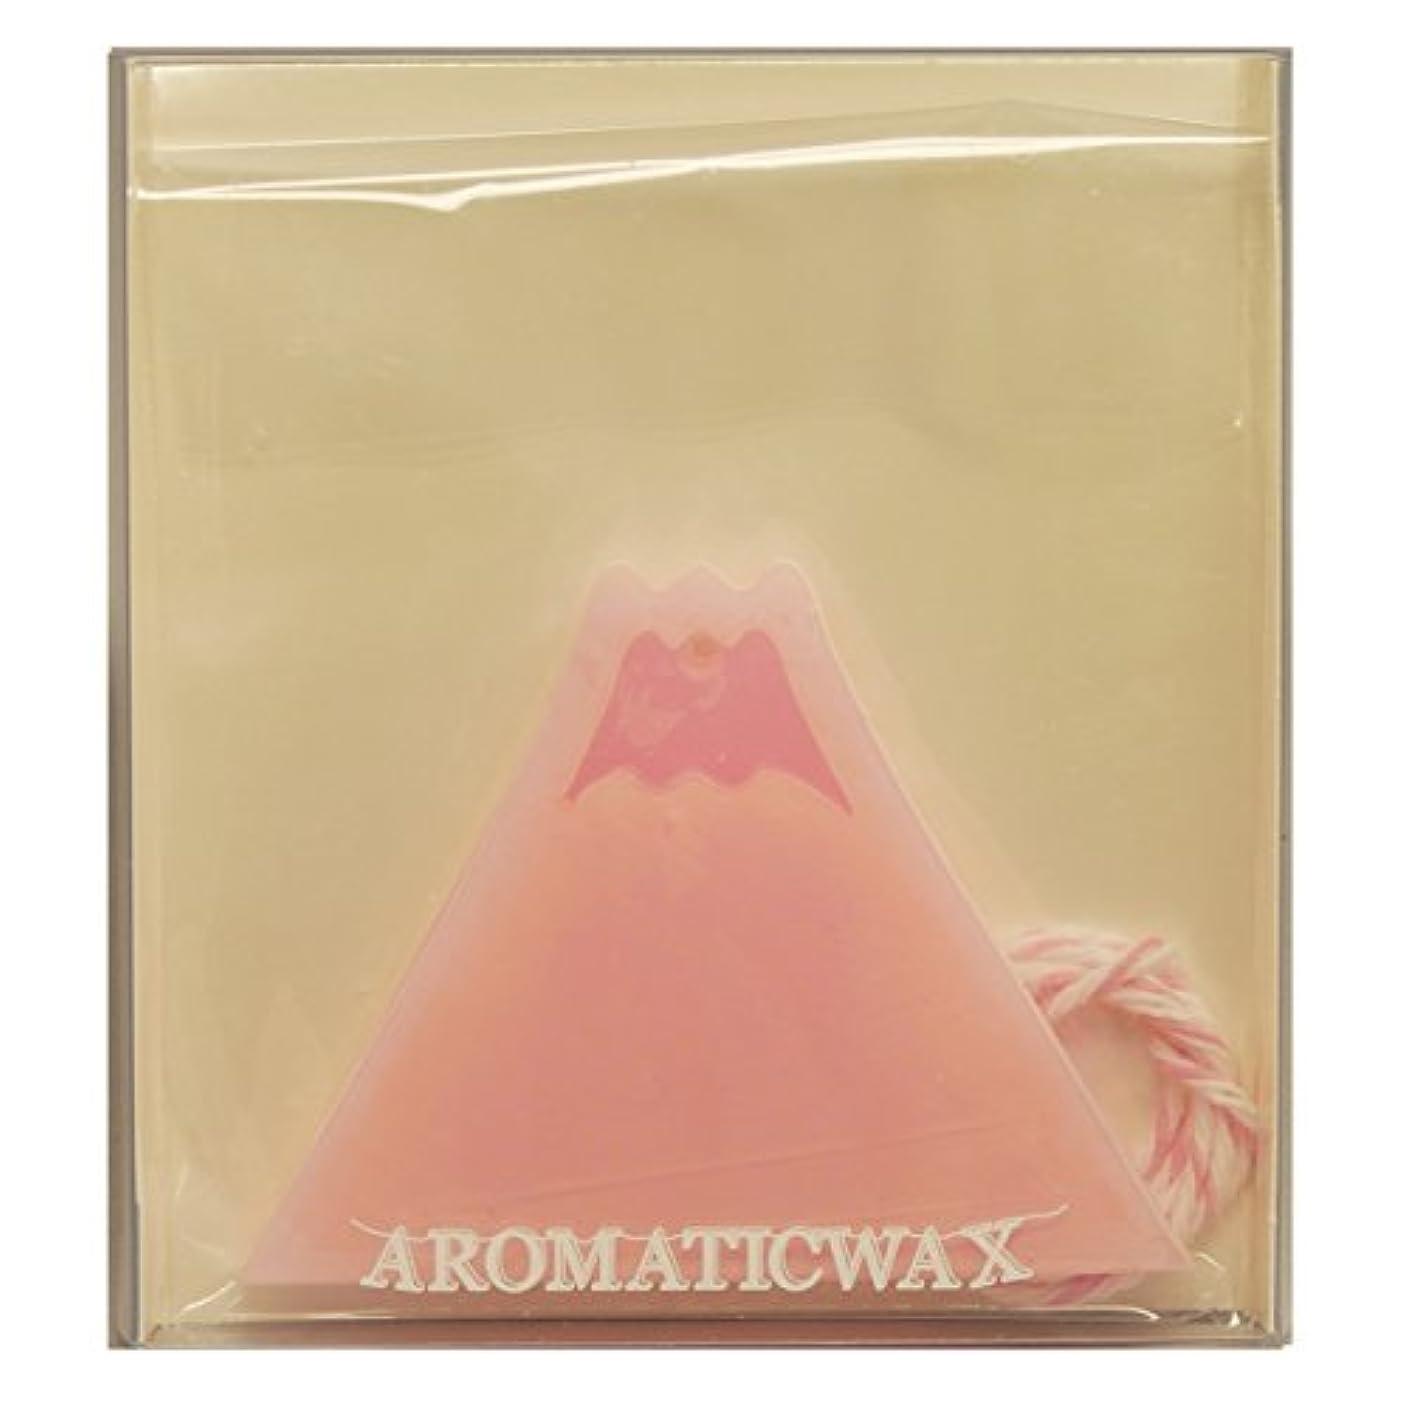 ひまわり注入ためらうGRASSE TOKYO AROMATICWAXチャーム「富士山」(PI) ゼラニウム アロマティックワックス グラーストウキョウ